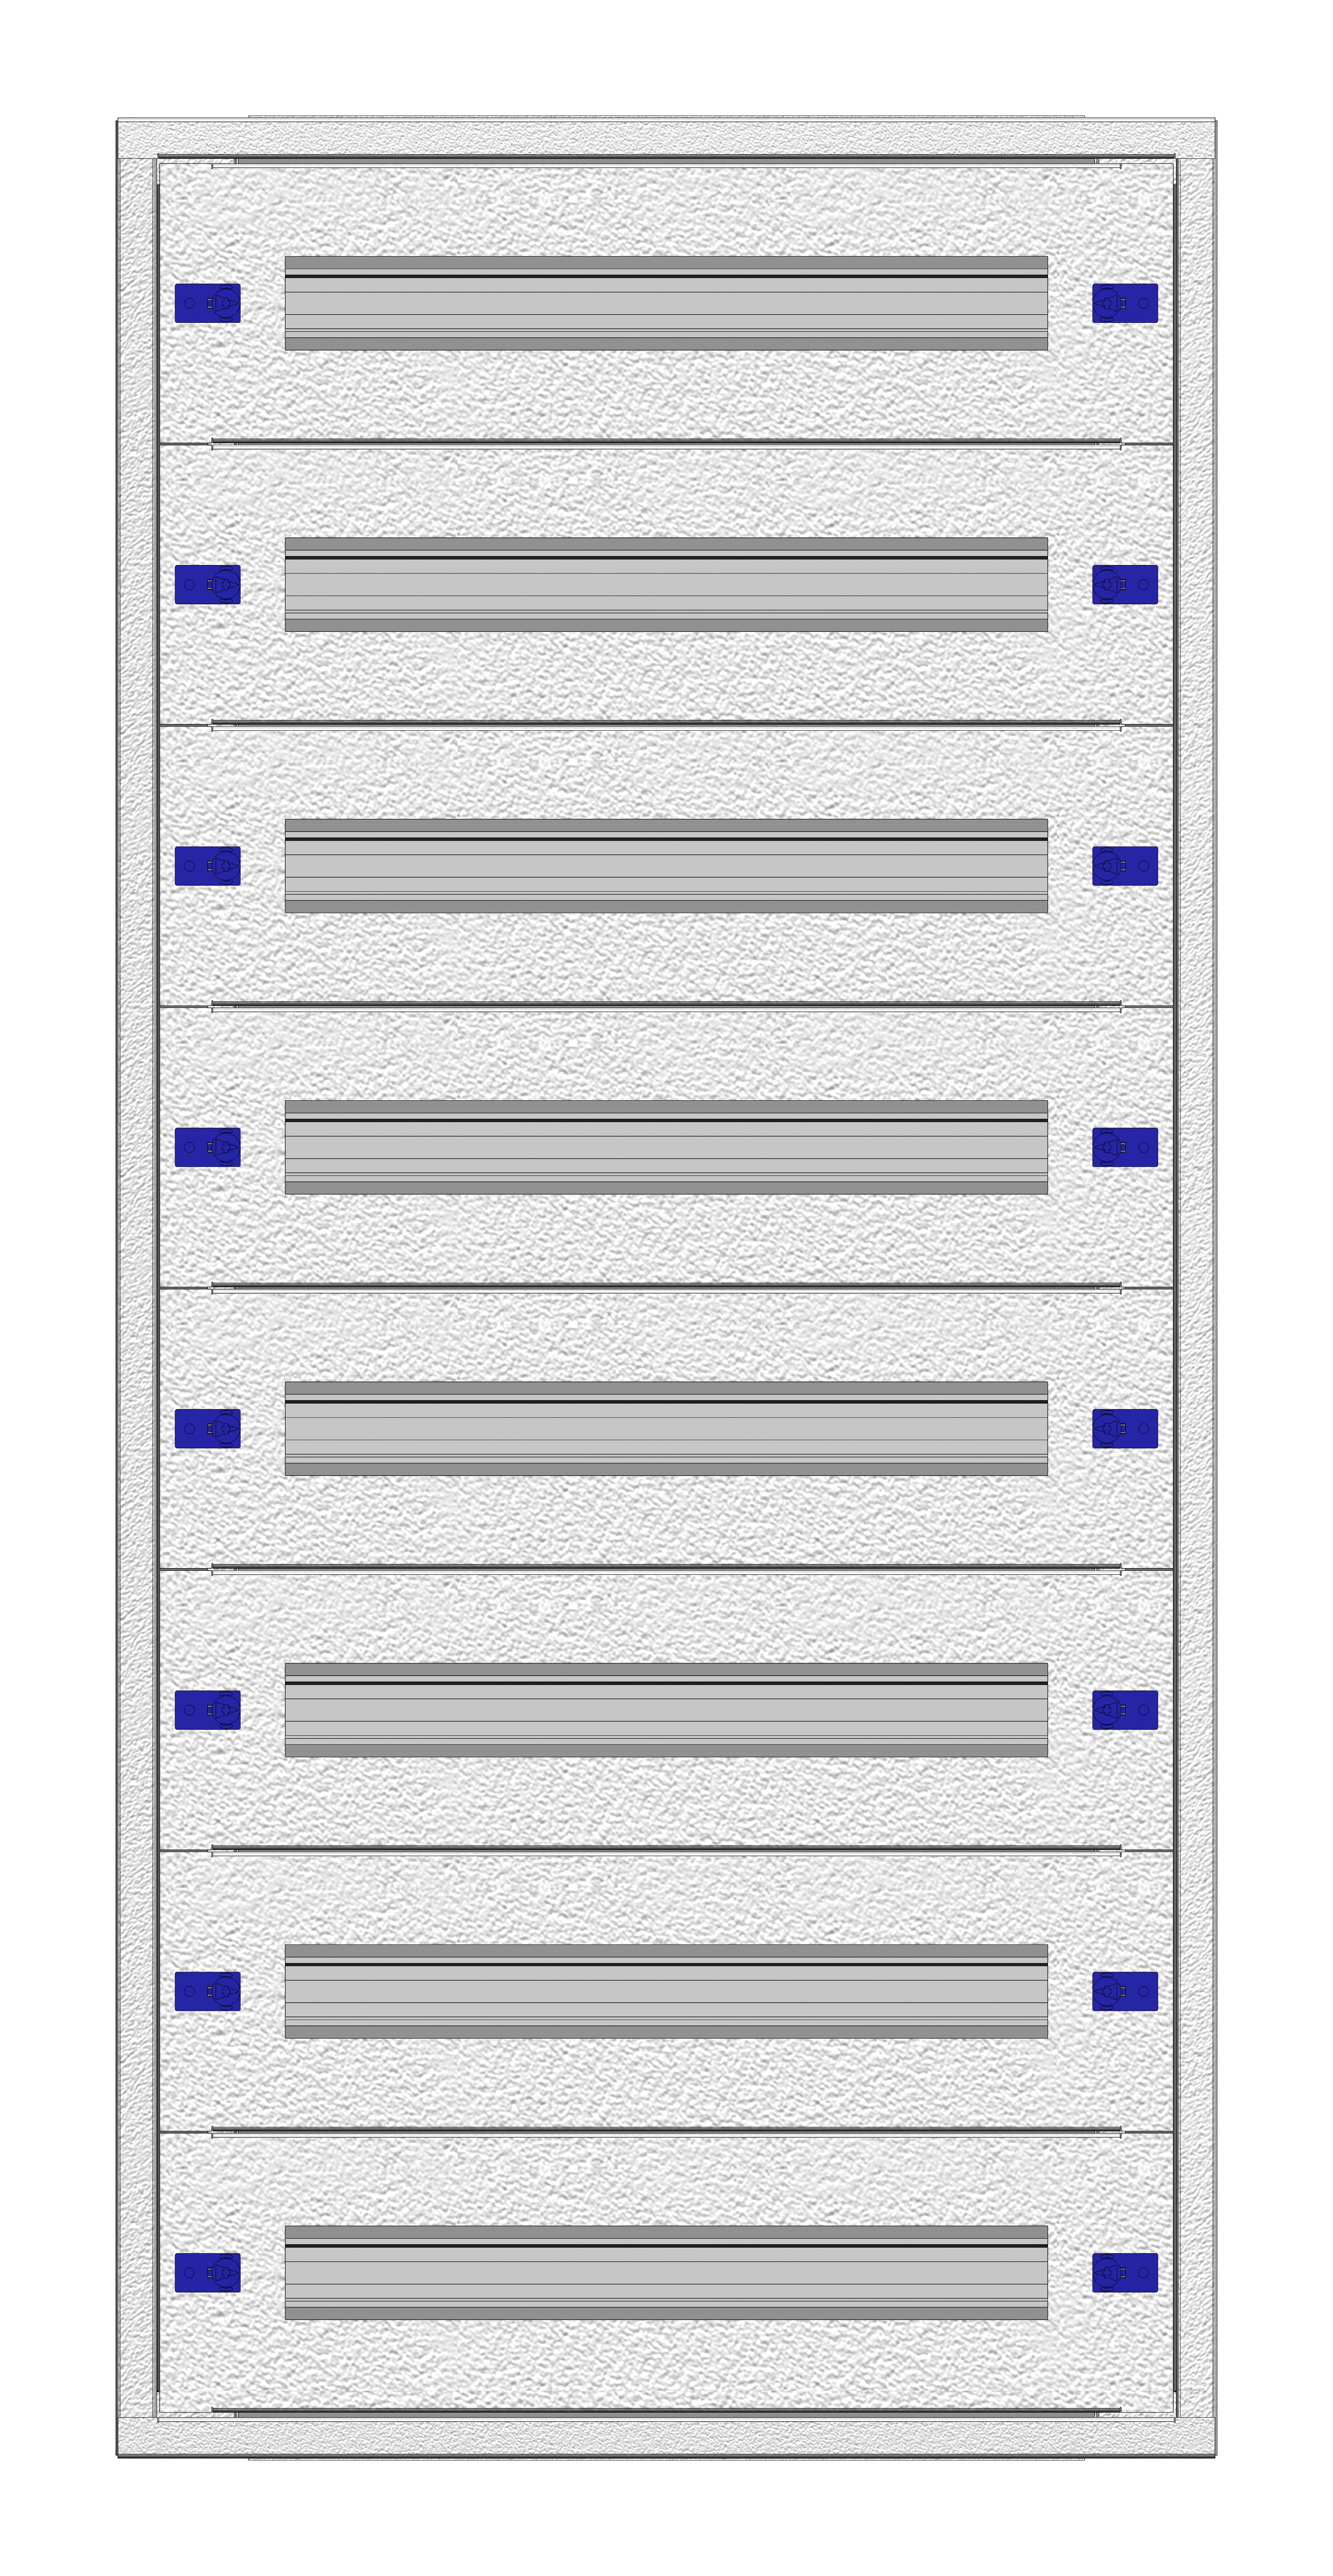 1 Stk Aufputz-Installationsverteiler 2A-24L, H1195B590T250mm IL172224AK